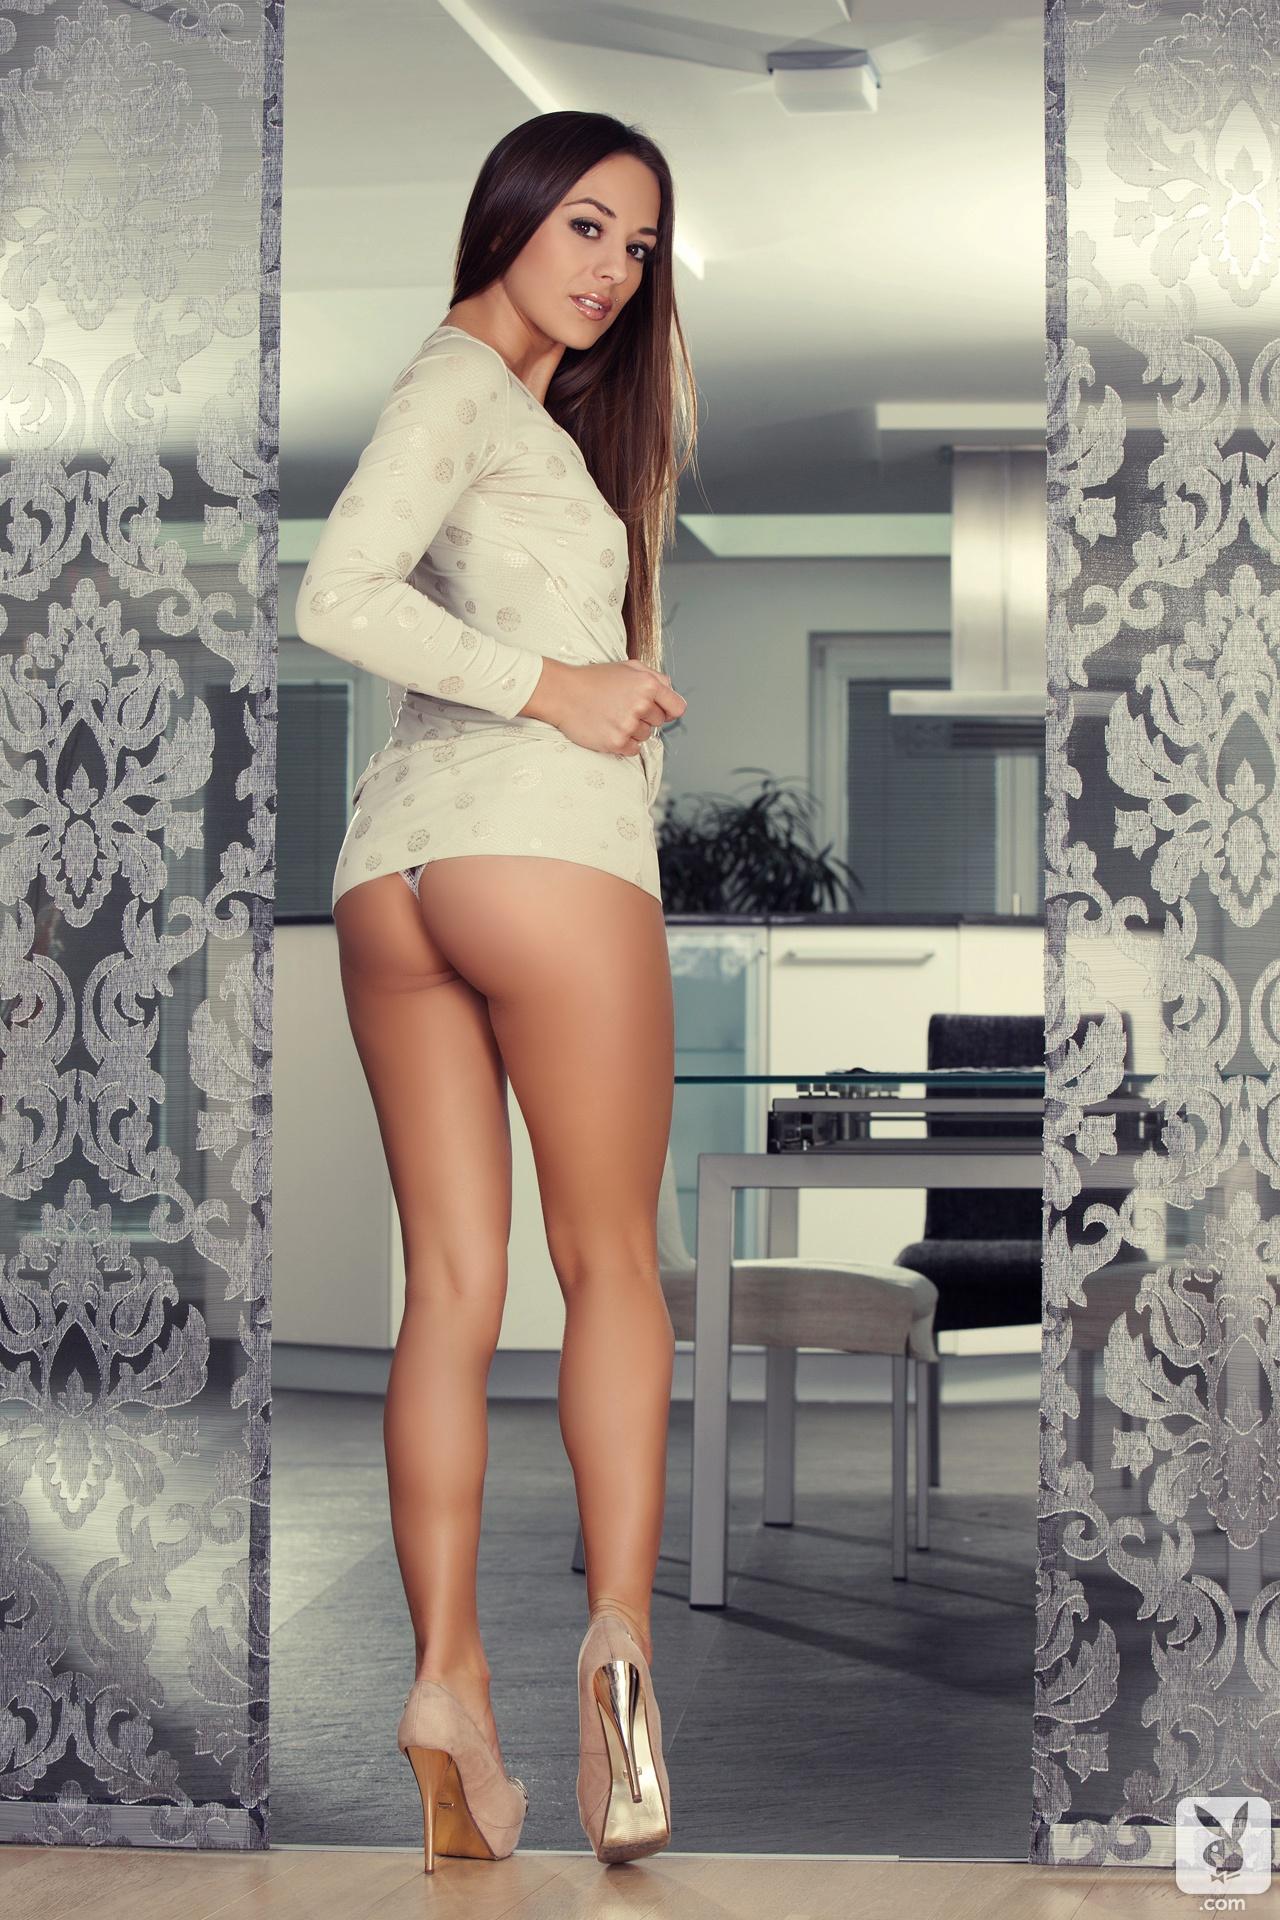 Nude On High Heels